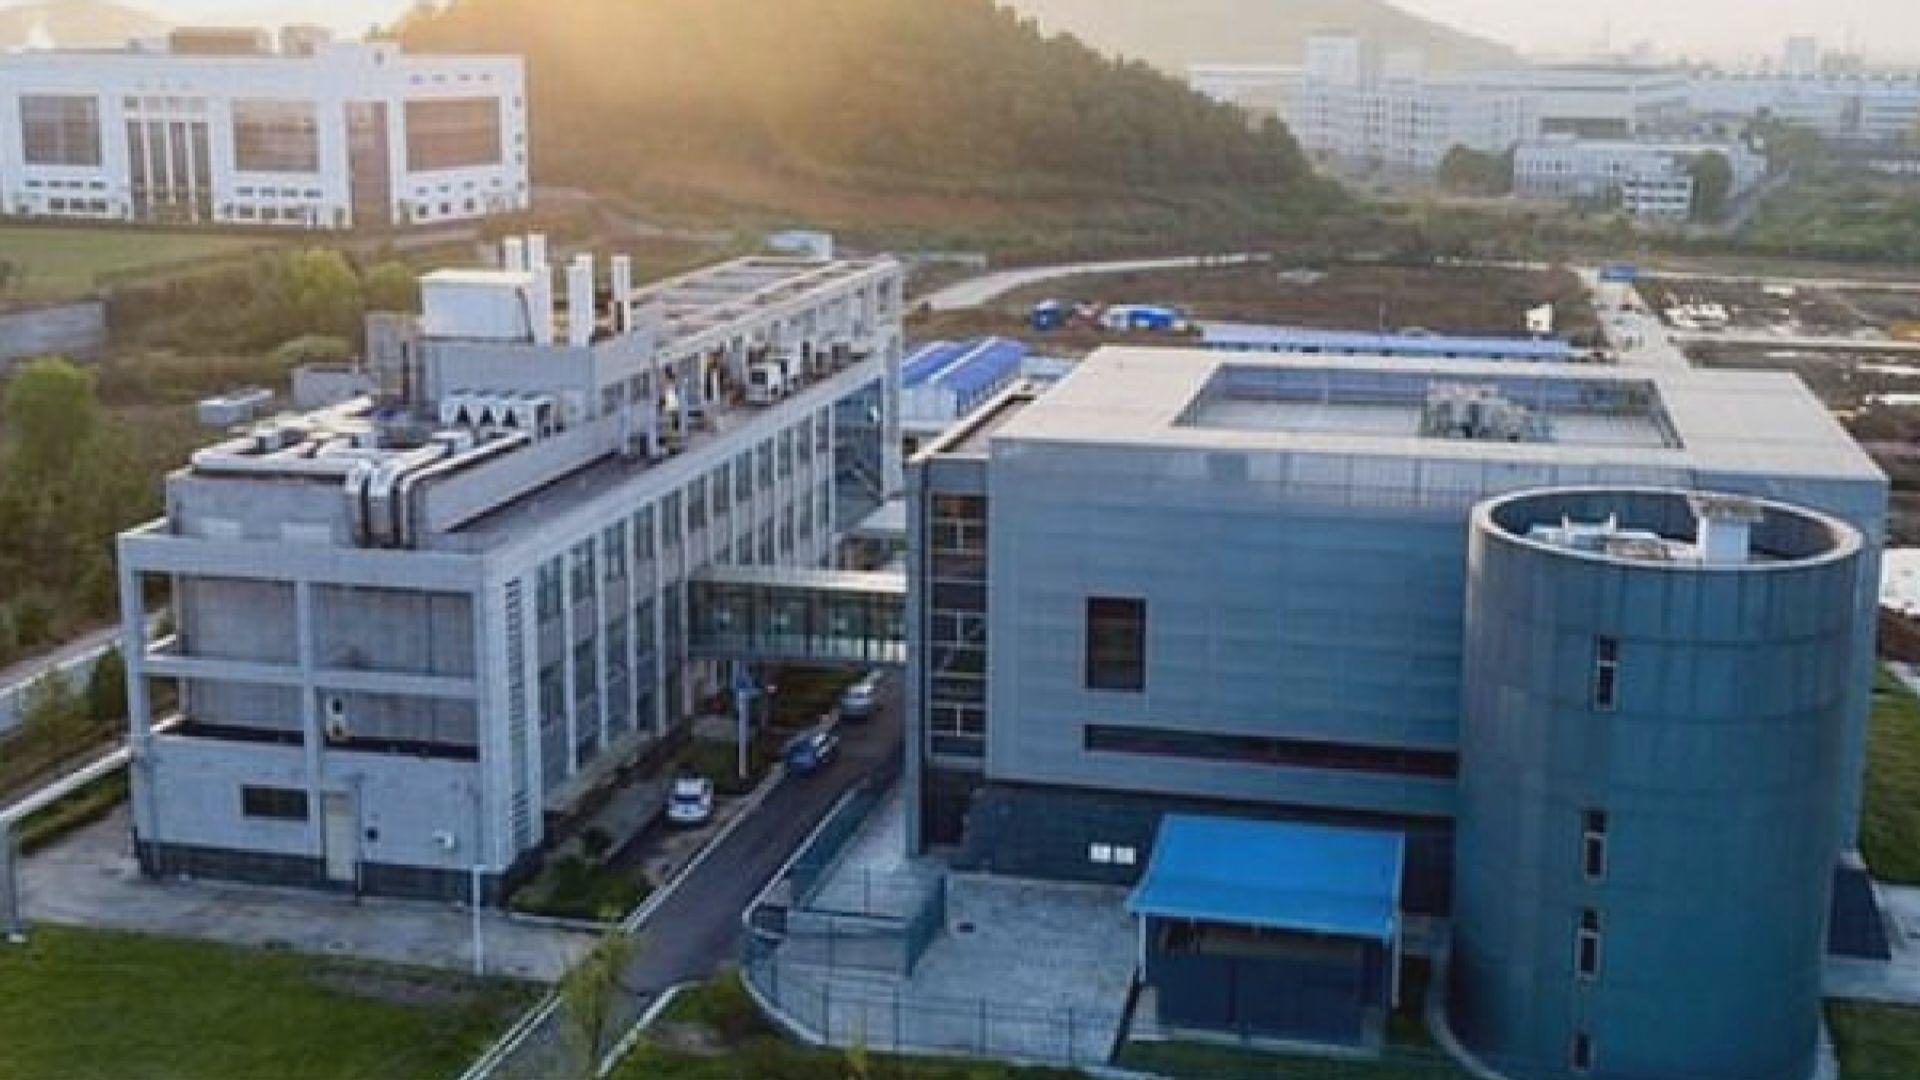 美媒指新冠病毒由武漢實驗室外洩 中方:毫無科學根據